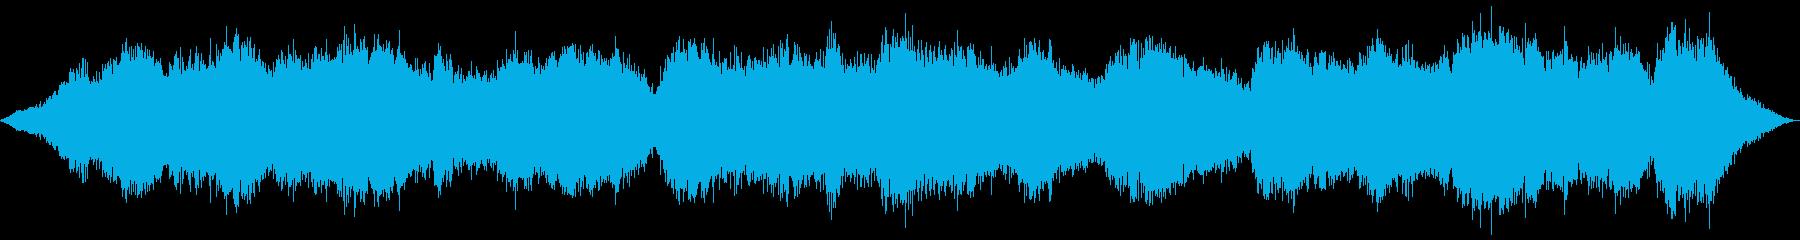 リズムベースのサウンドエフェクトと...の再生済みの波形